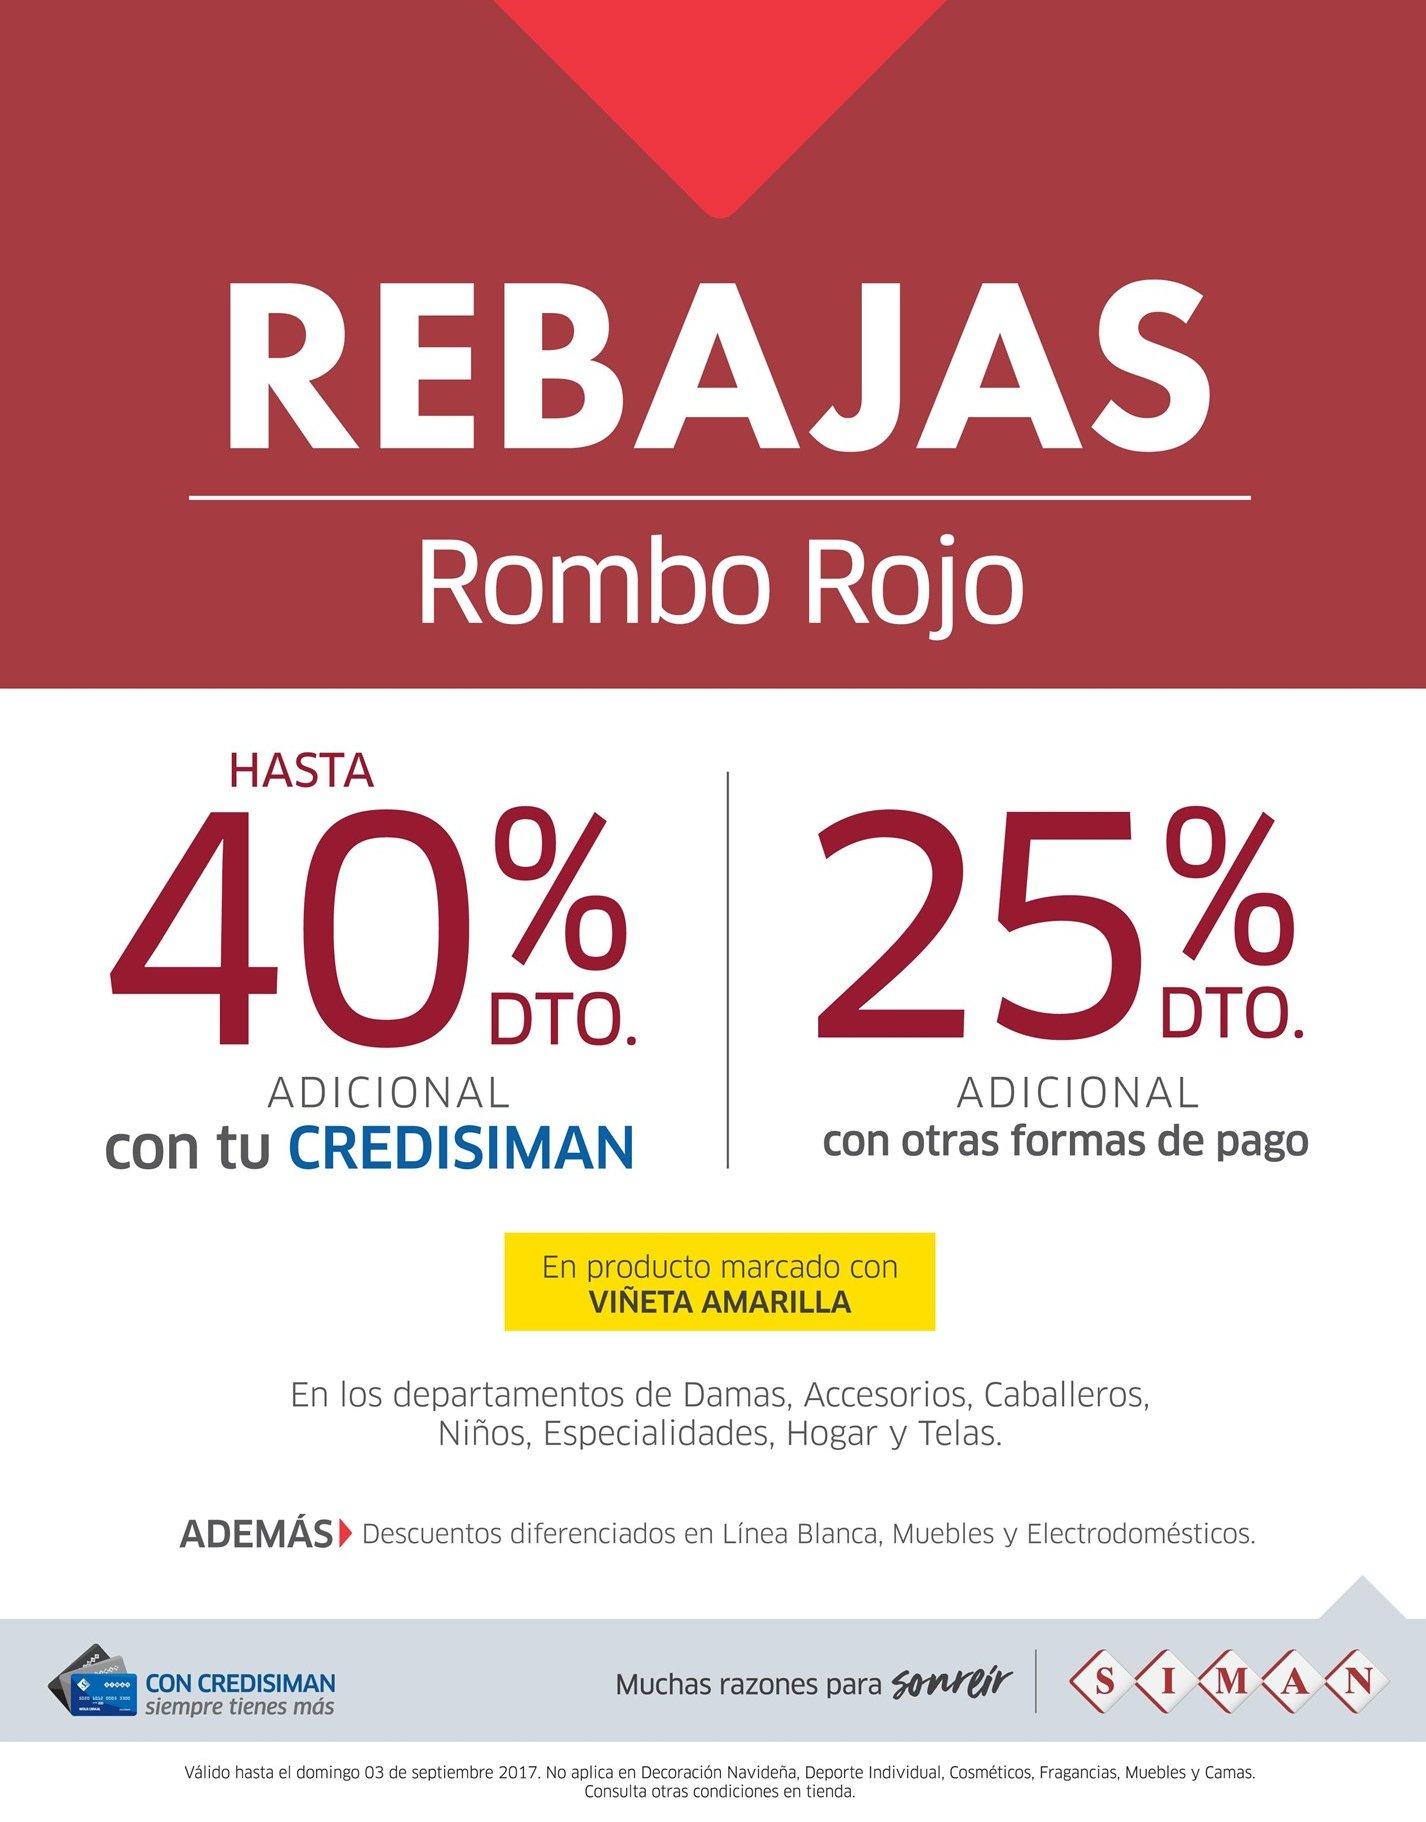 b90de1f4f0 SIMAN finde de REBAJAS promocion roMBO roJO - Ofertas Ahora